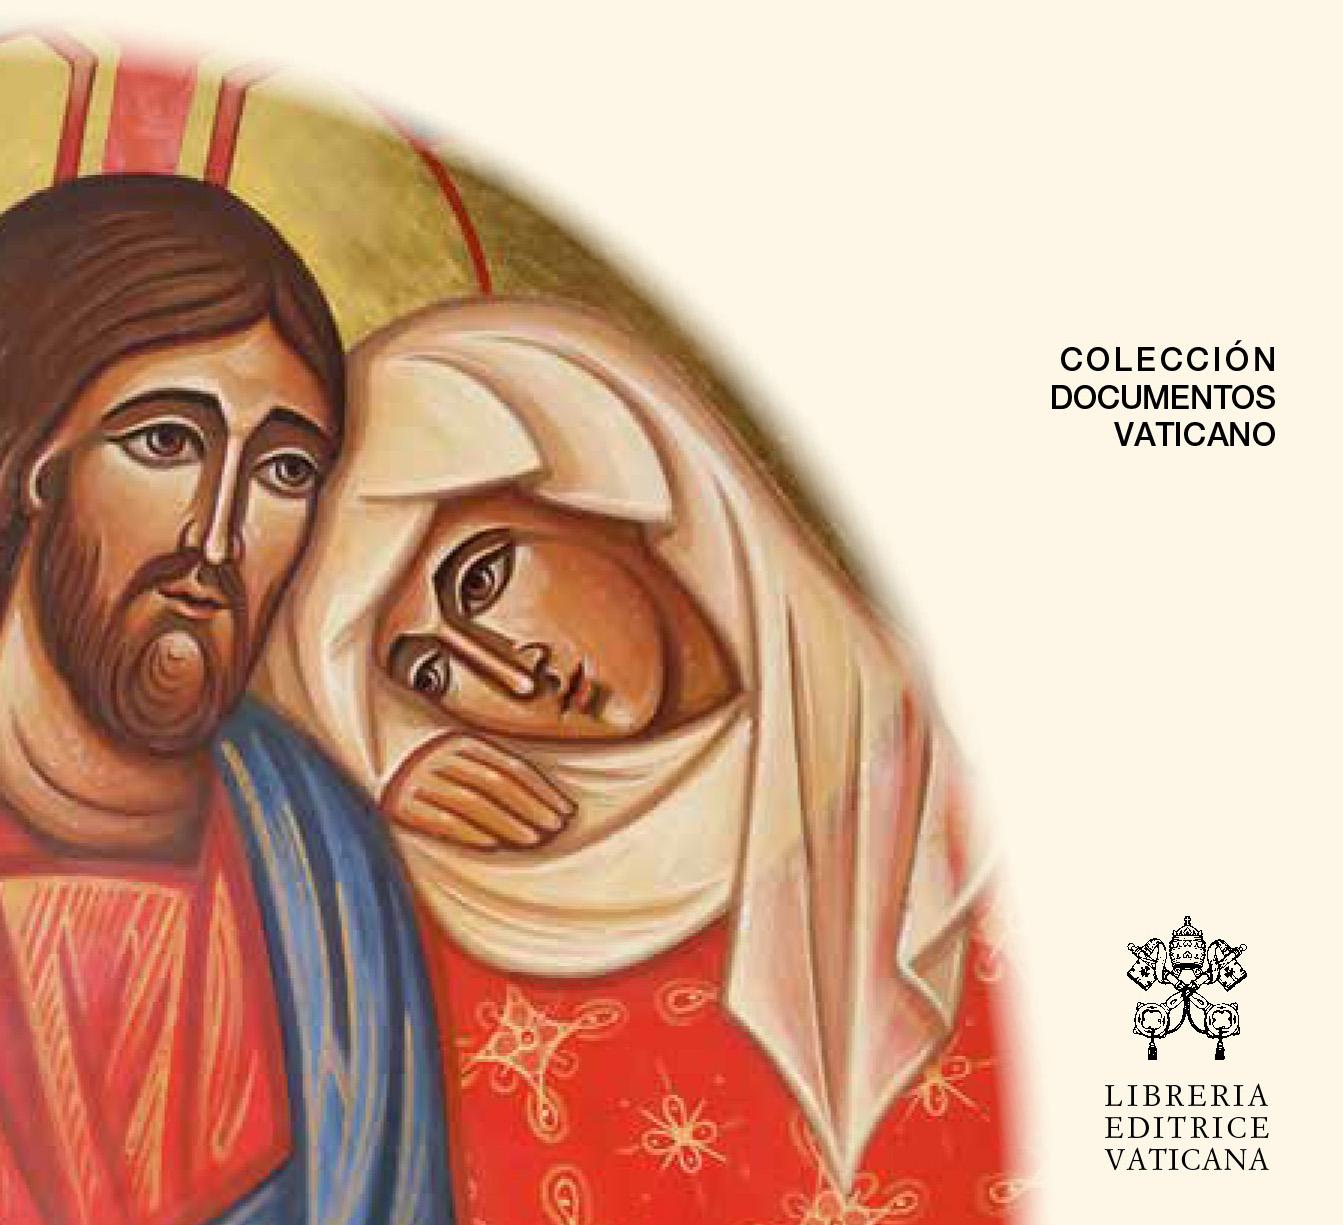 Detalle de la portada del documento © Librería Editorial Vaticano